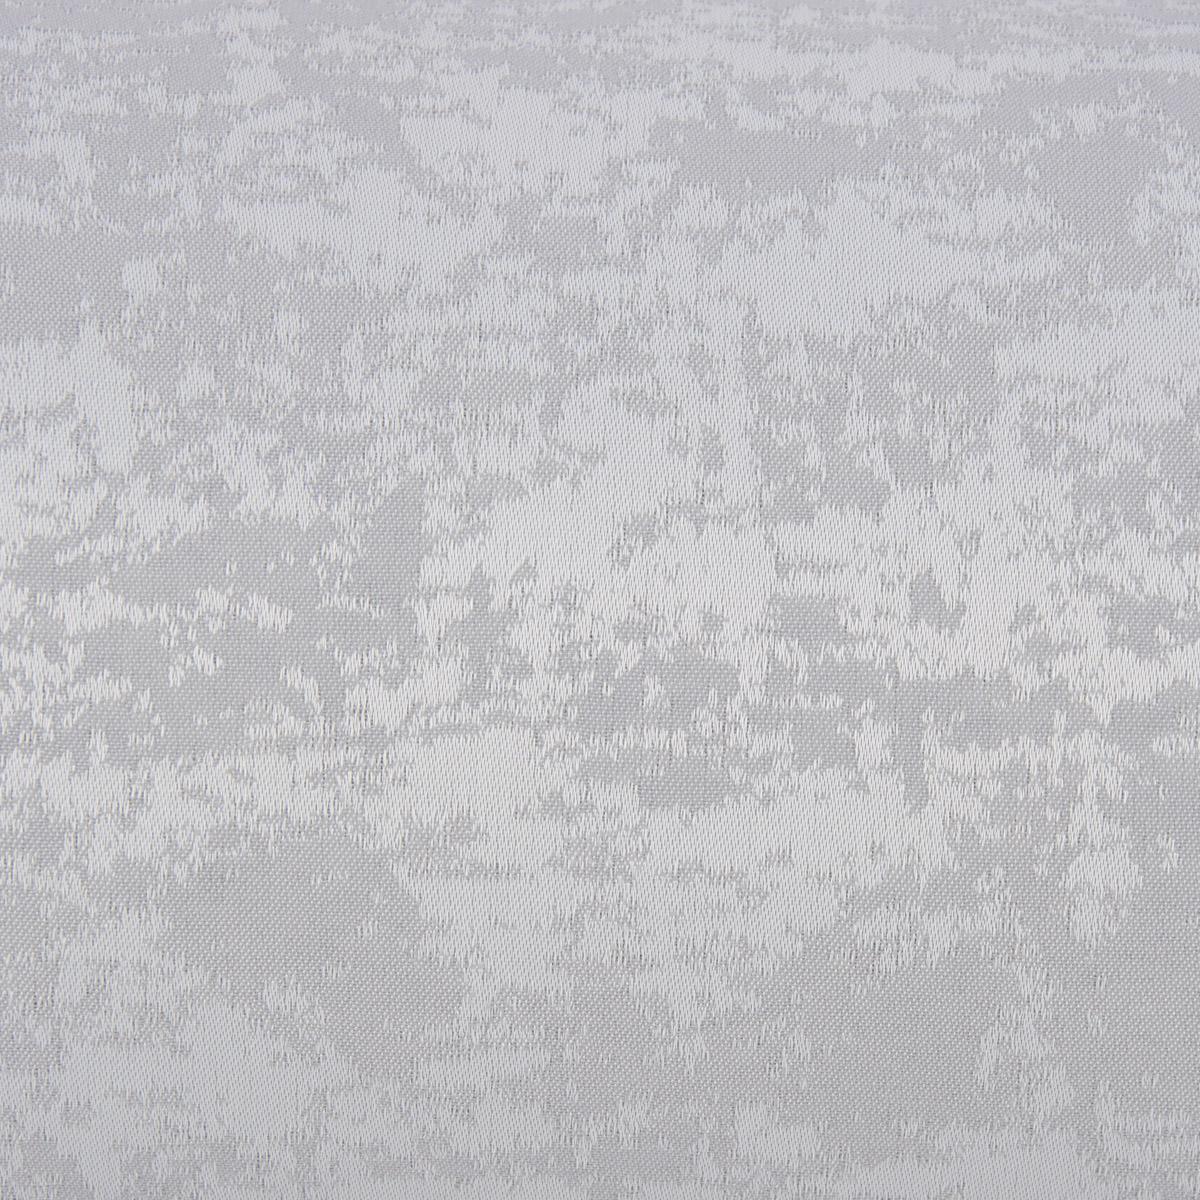 Tischdeckenstoff Damast Tischwäschestoff Teflon Dekostoff schraffiert silbergrau 3,20m Breite